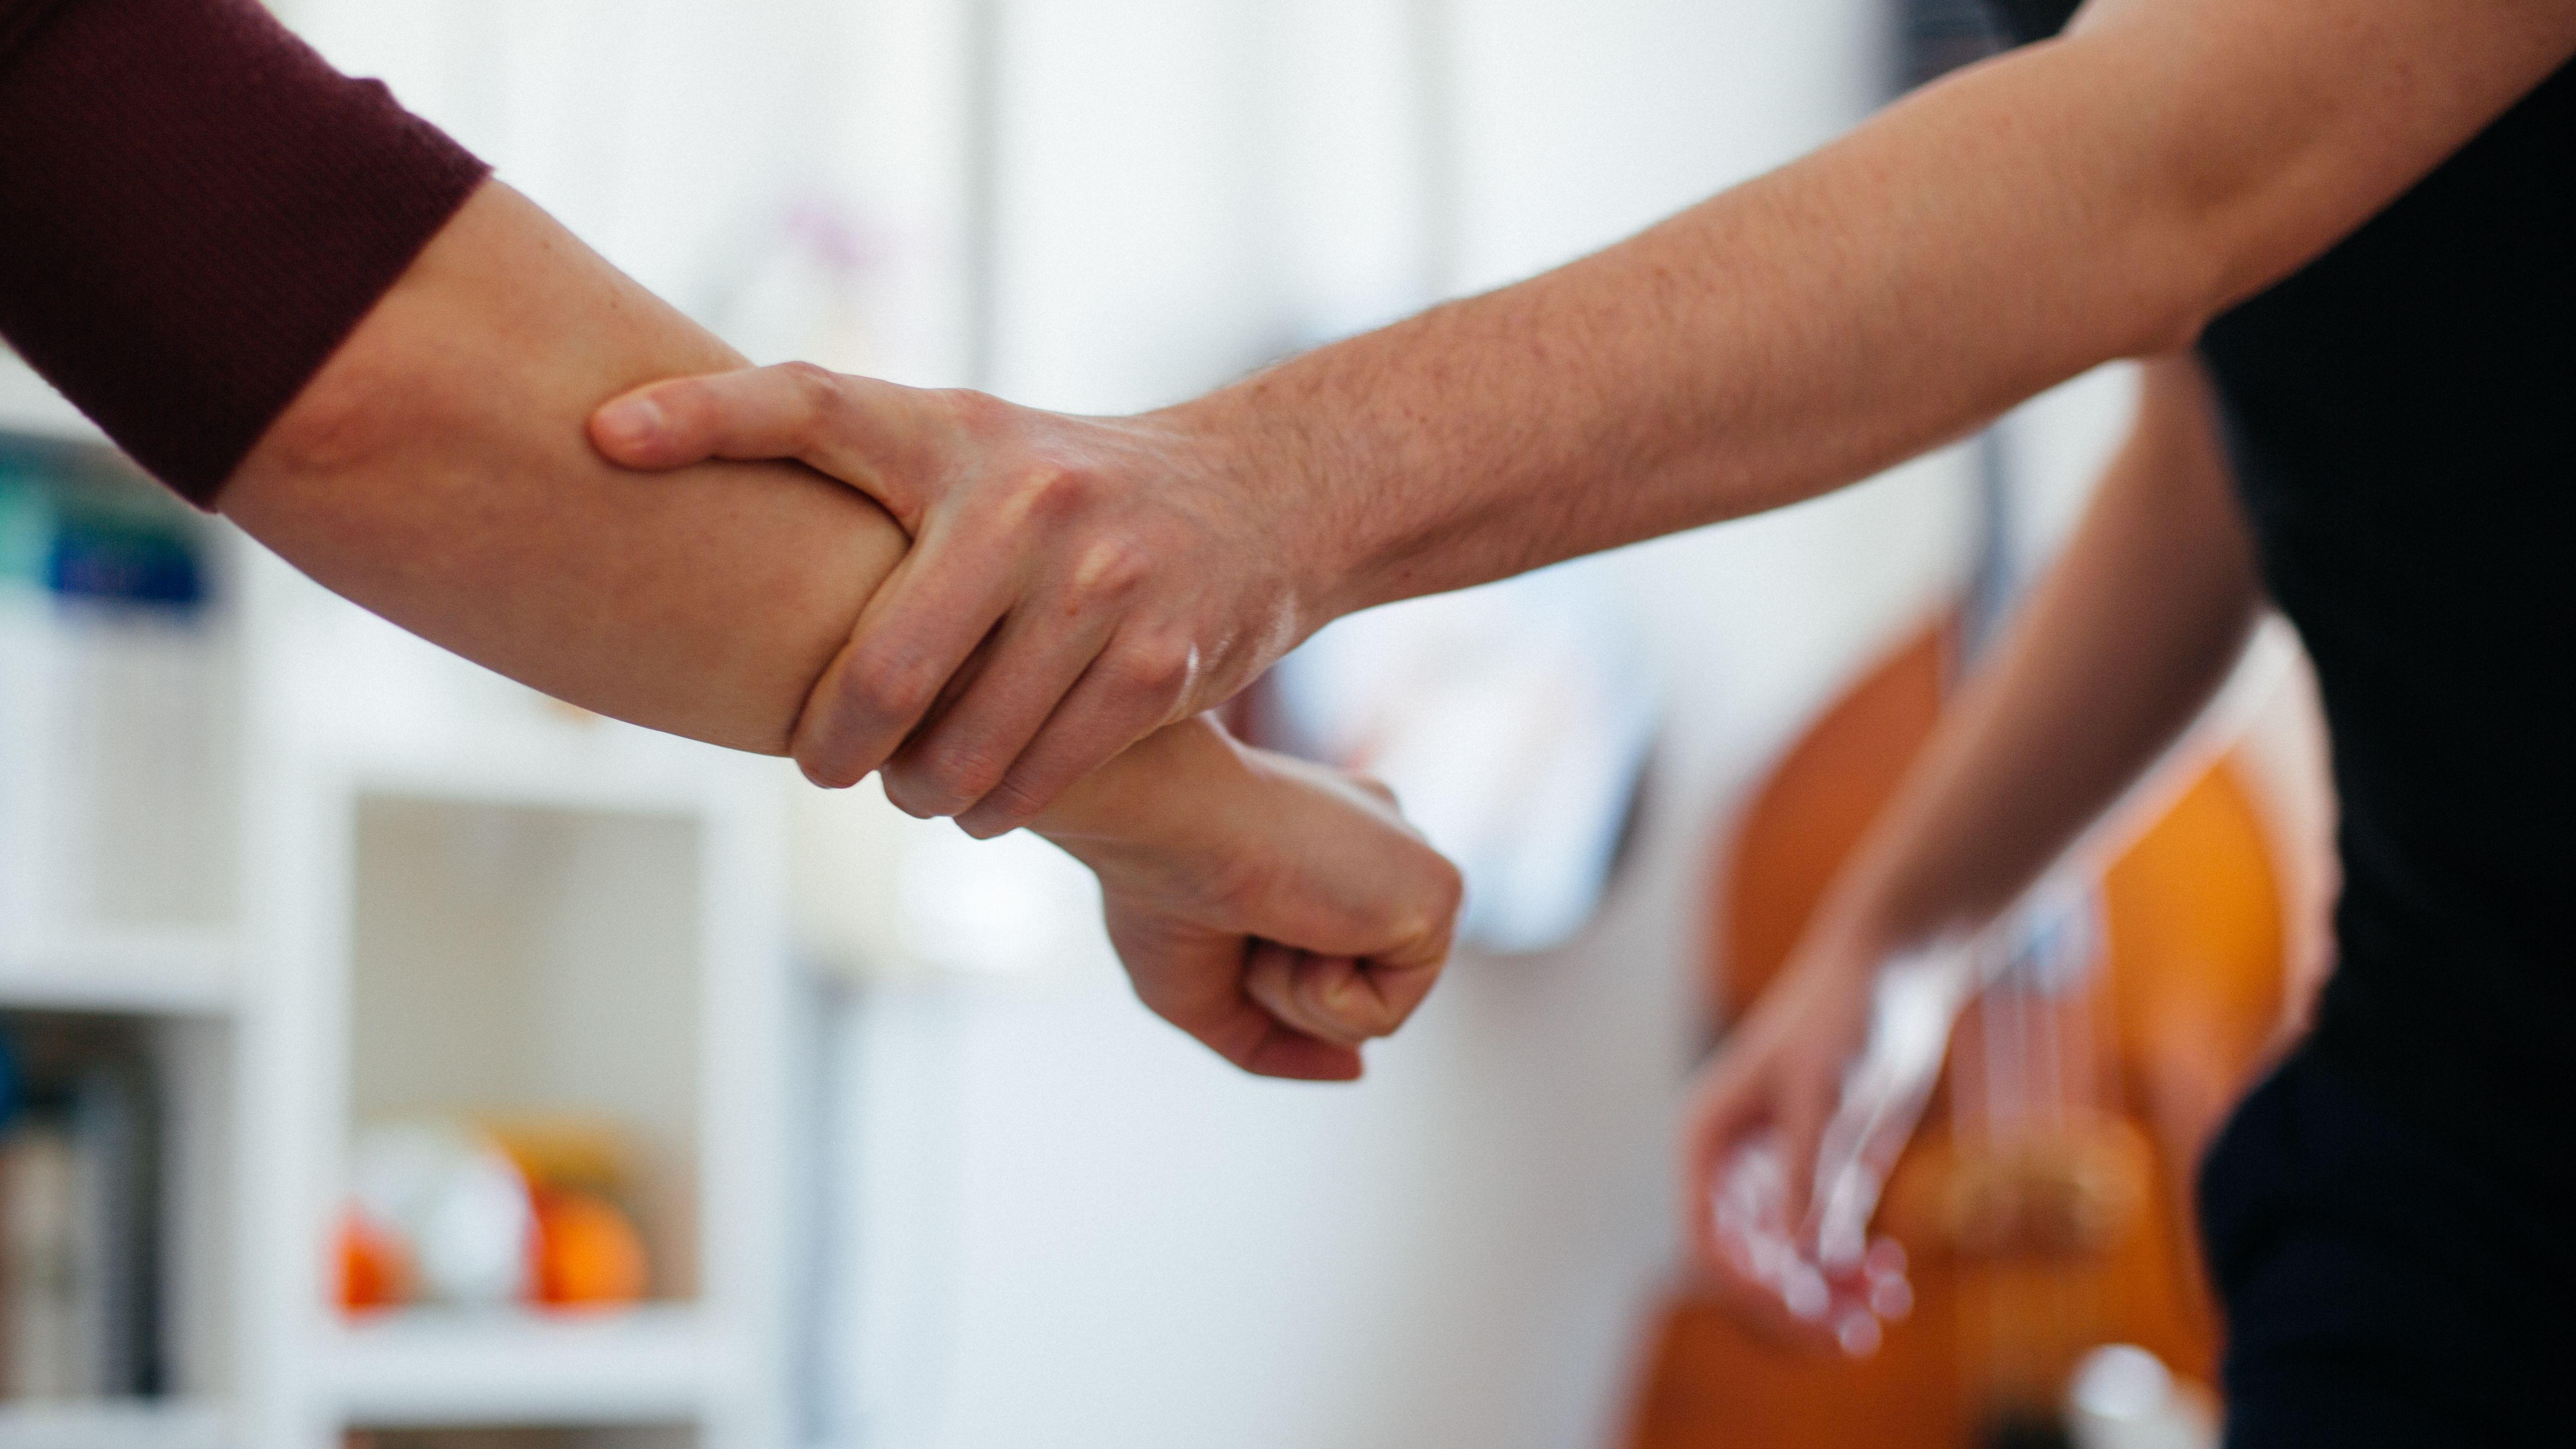 Symbolbild Gewalt; Ein Mann versucht einen Arm mit geballter Faust zurückzuhalten